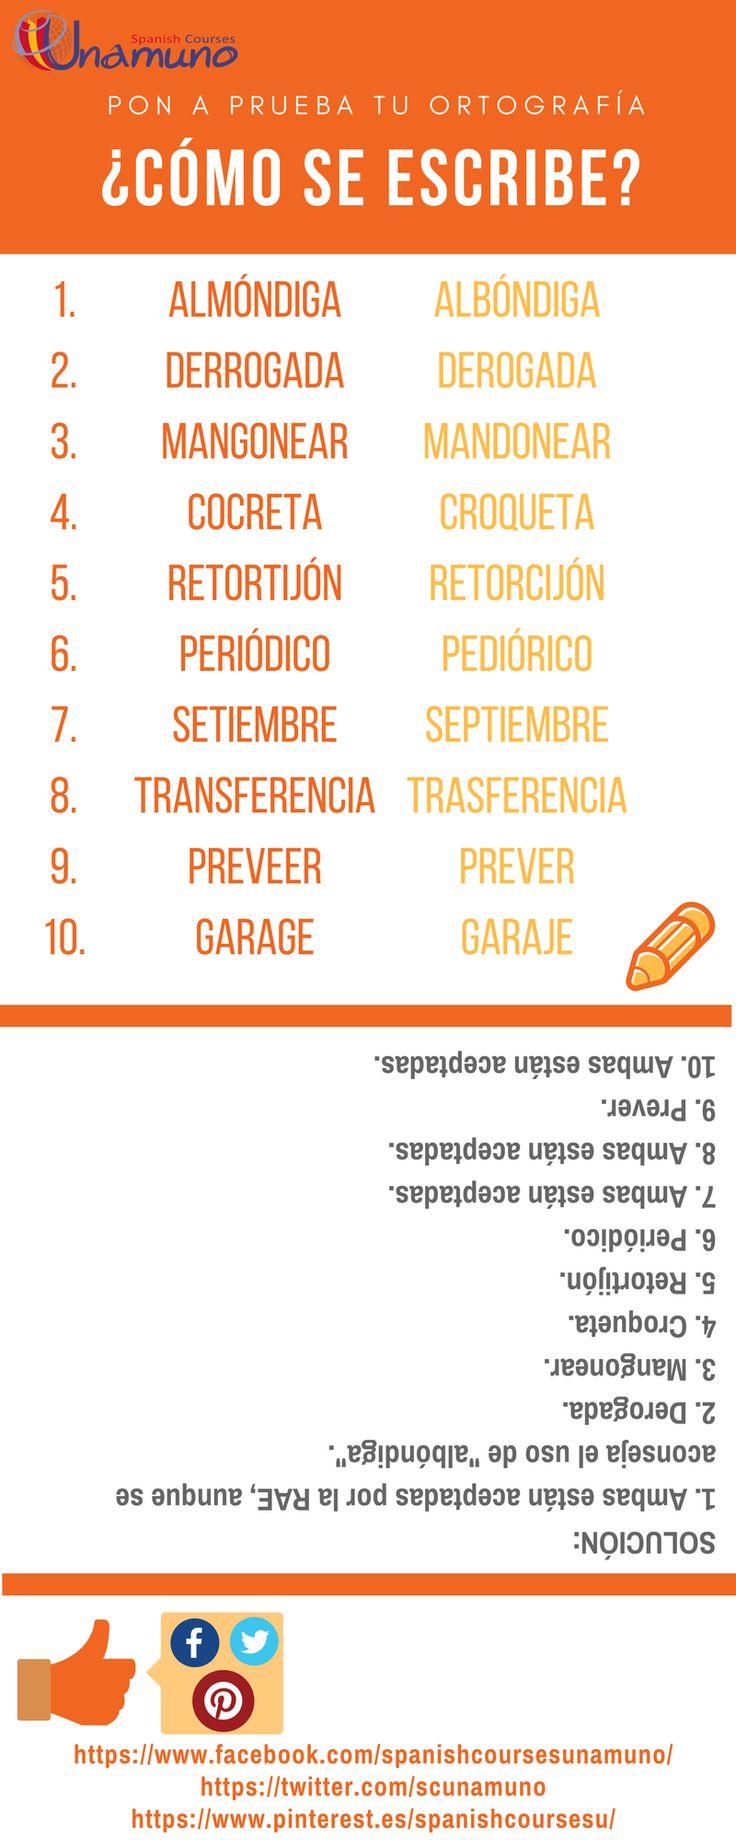 ¿Quieres poner a prueba tu ortografía en español? ¿Sabes cómo se escriben estas palabras? Este es solo uno de los aspectos que trabajamos en nuestros cursos. ¡Te esperamos!